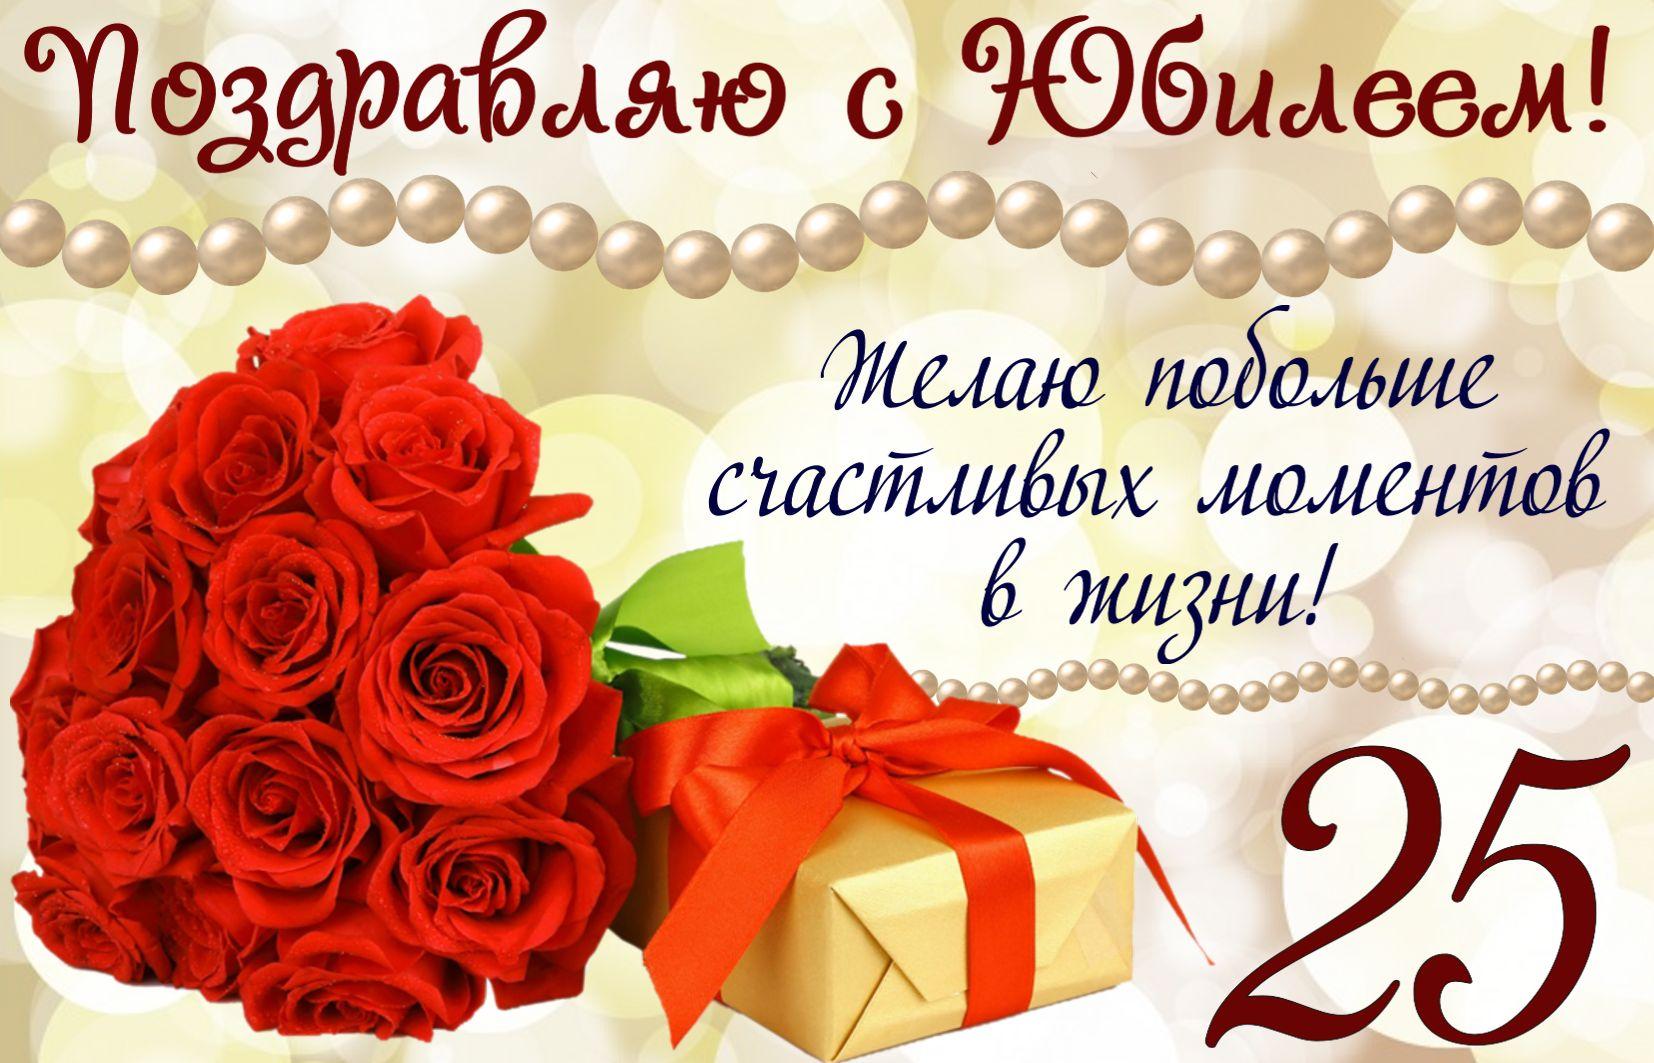 Открытка на юбилей 25 лет - поздравление с розами для женщины